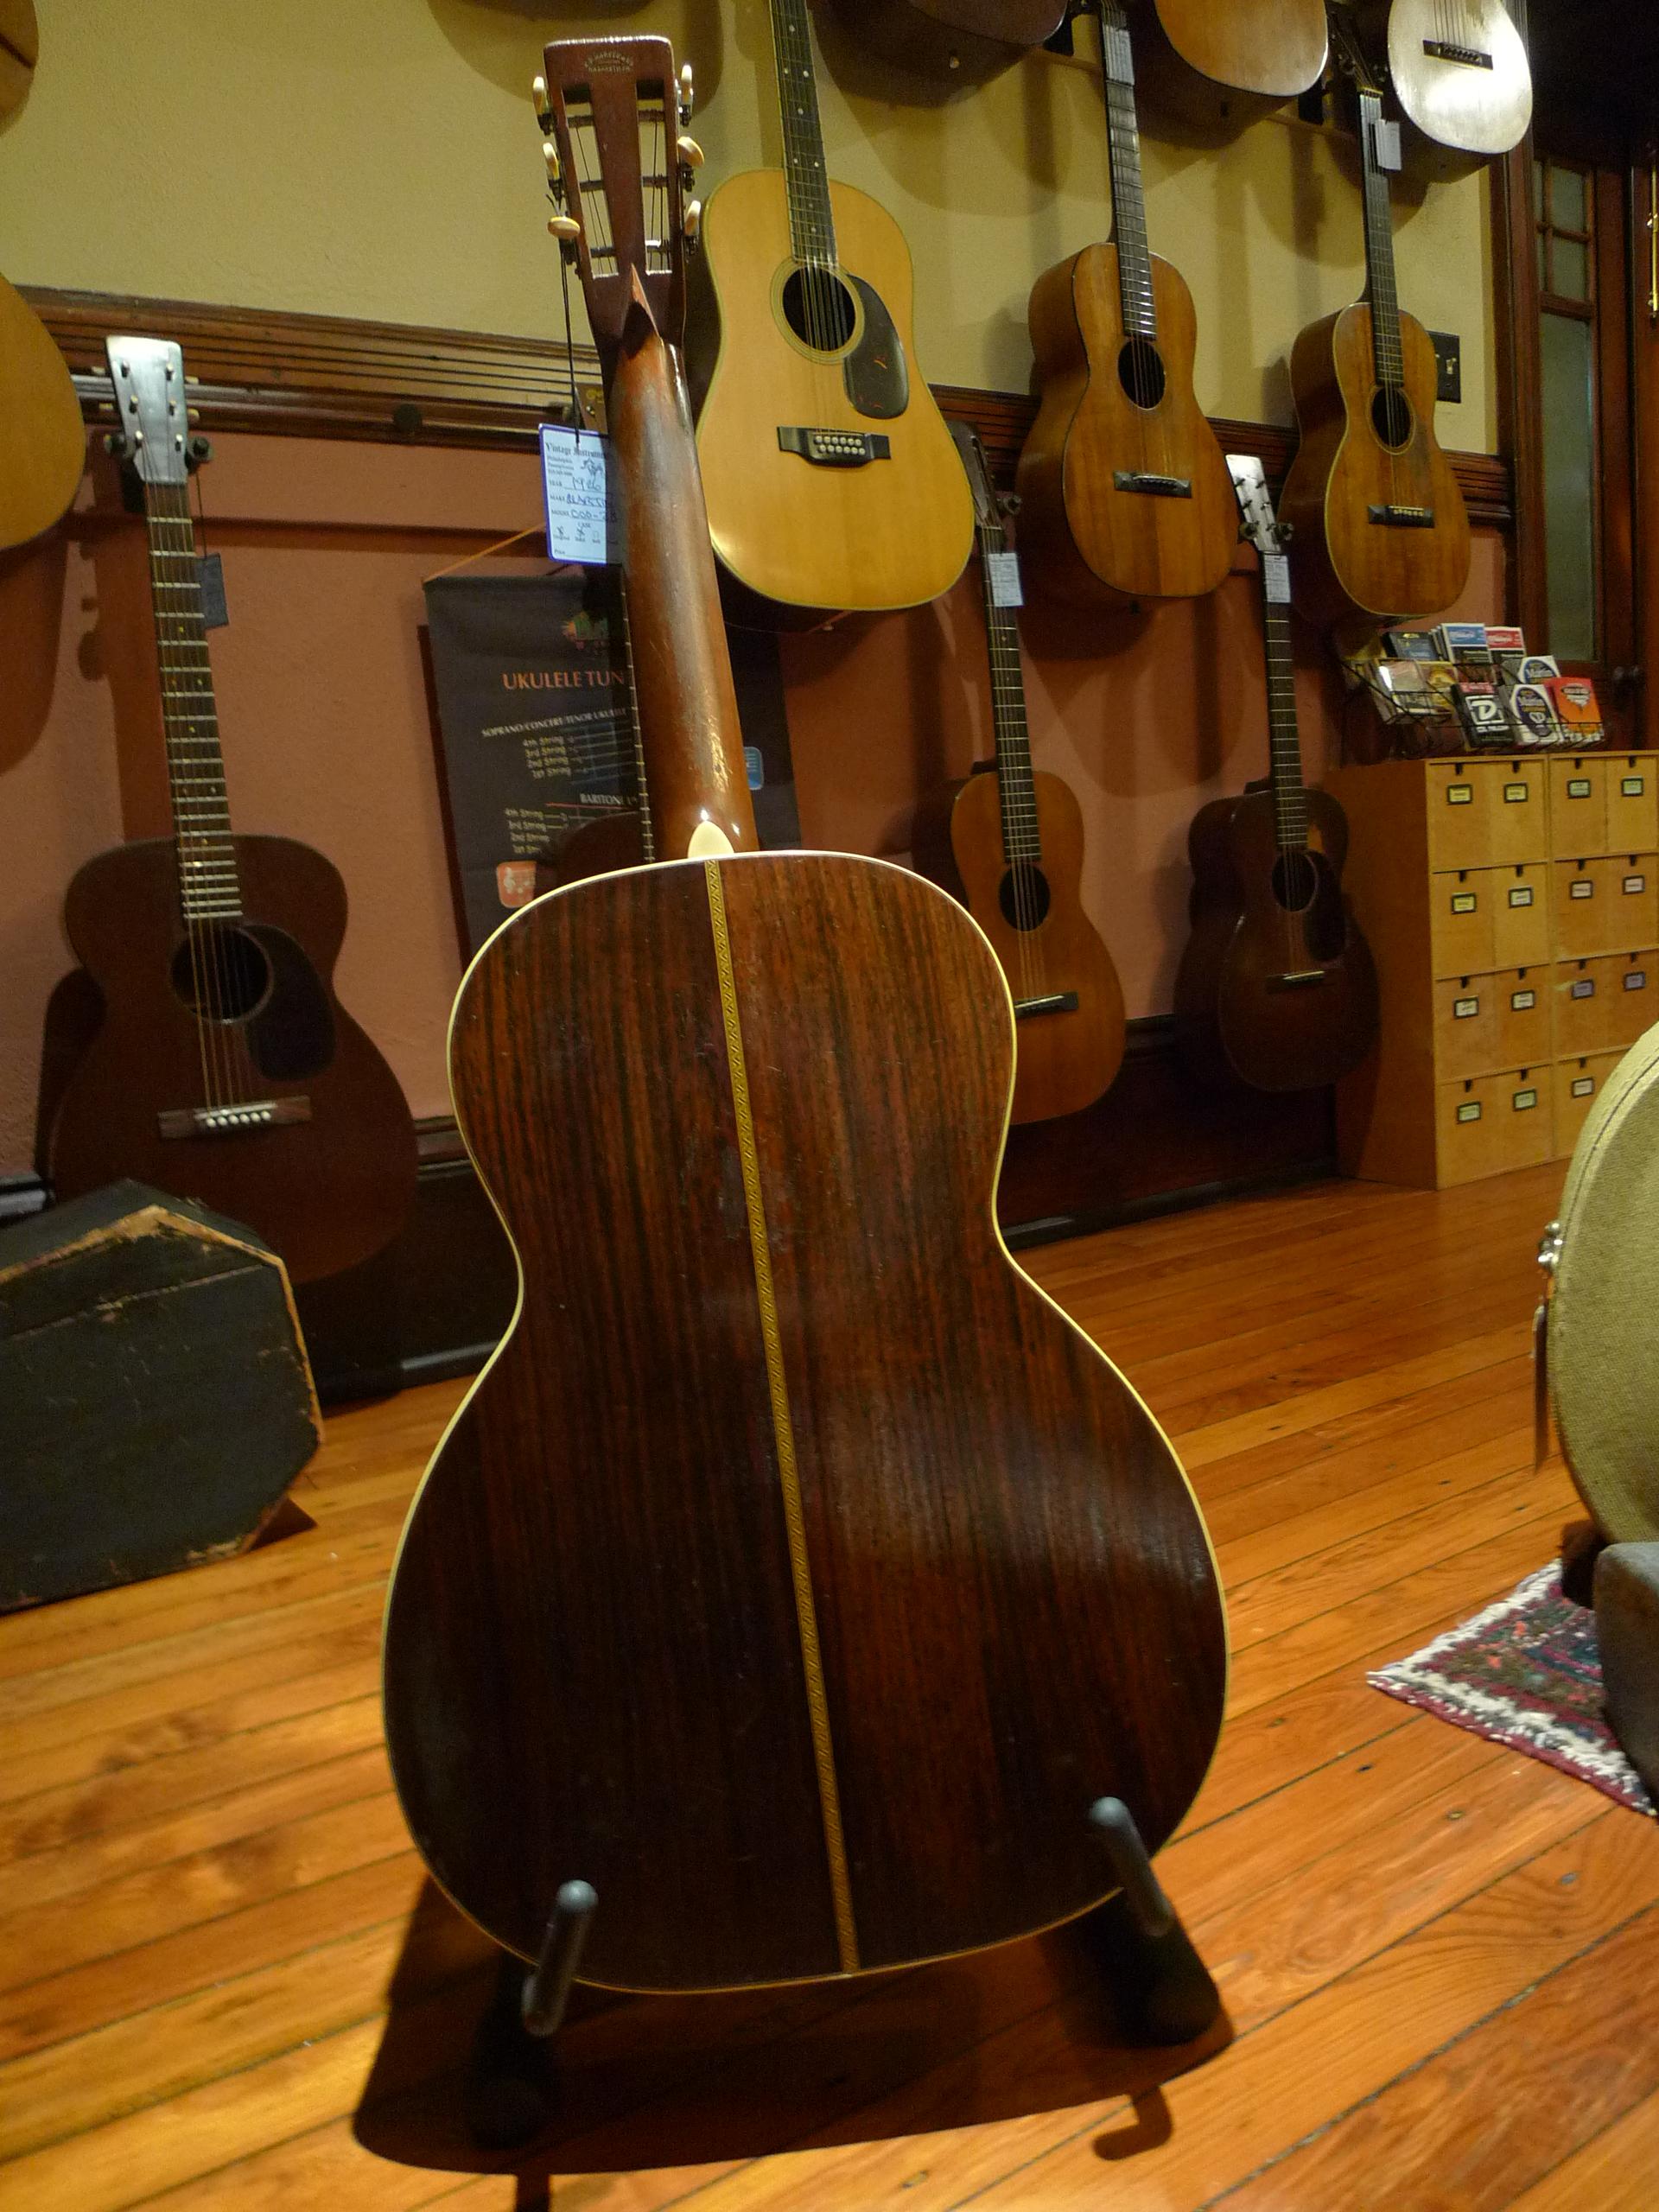 roy smeck chris miller guitars. Black Bedroom Furniture Sets. Home Design Ideas